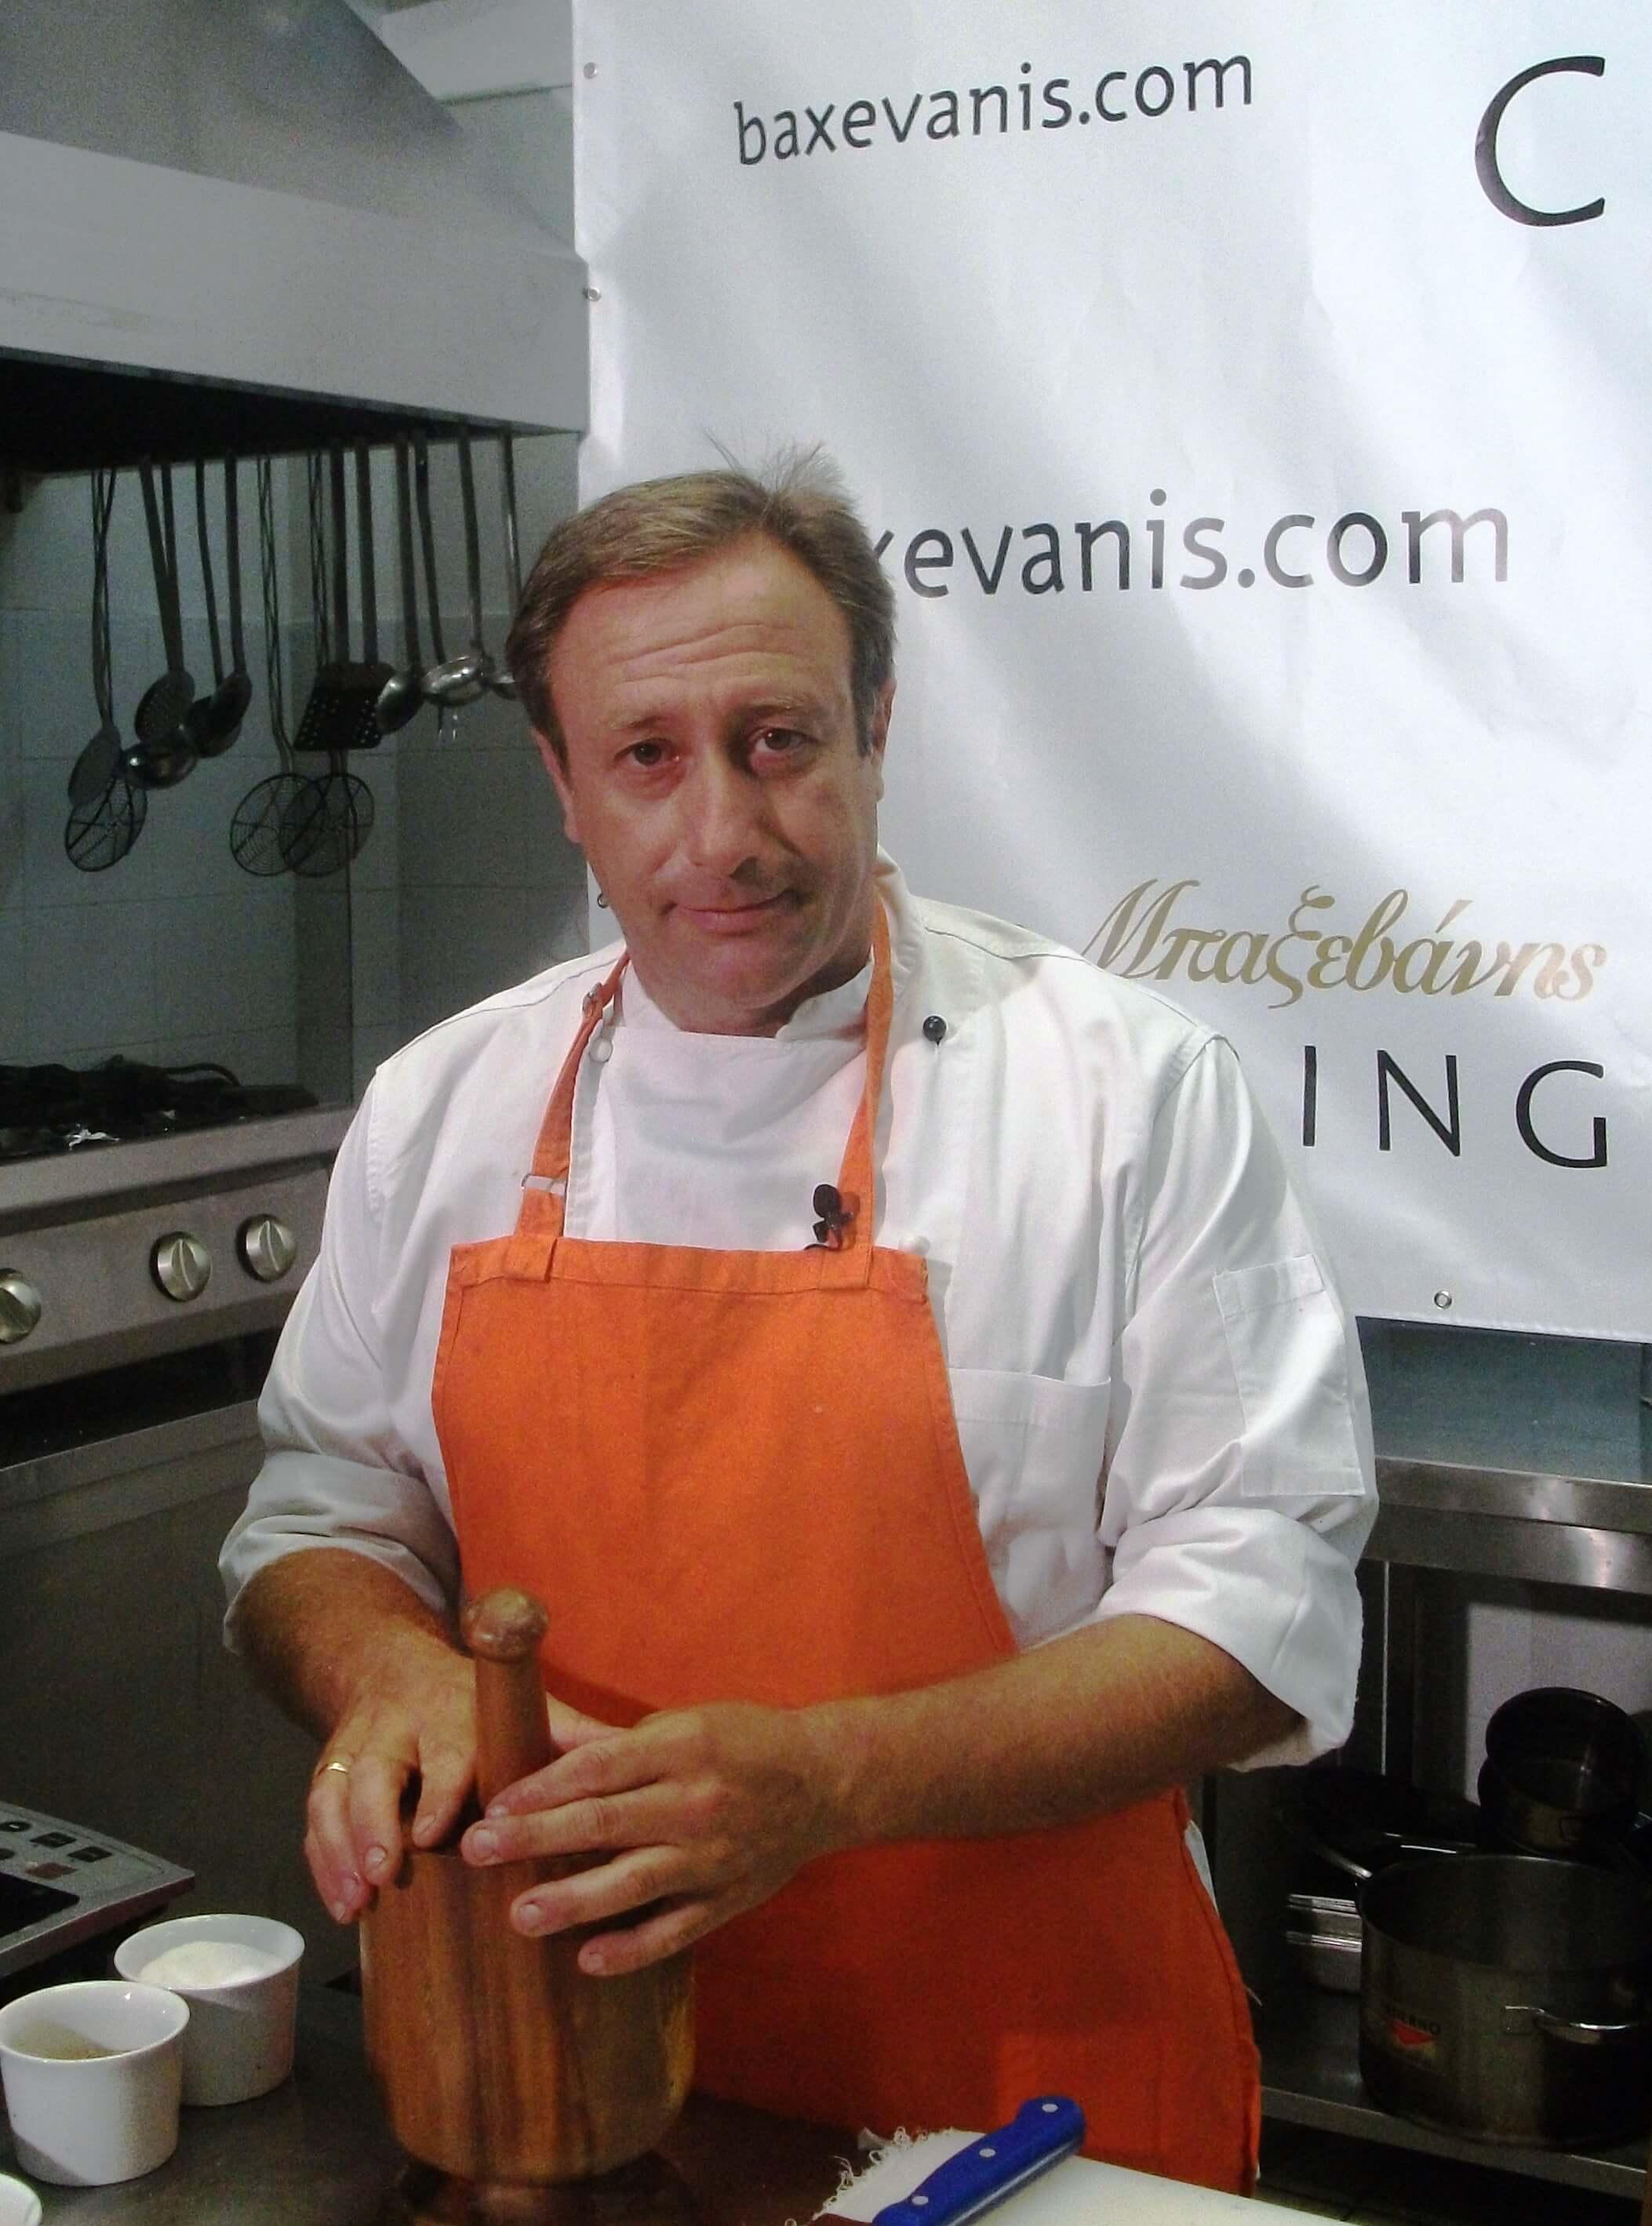 Μπαξεβάνης Γιάννης chef